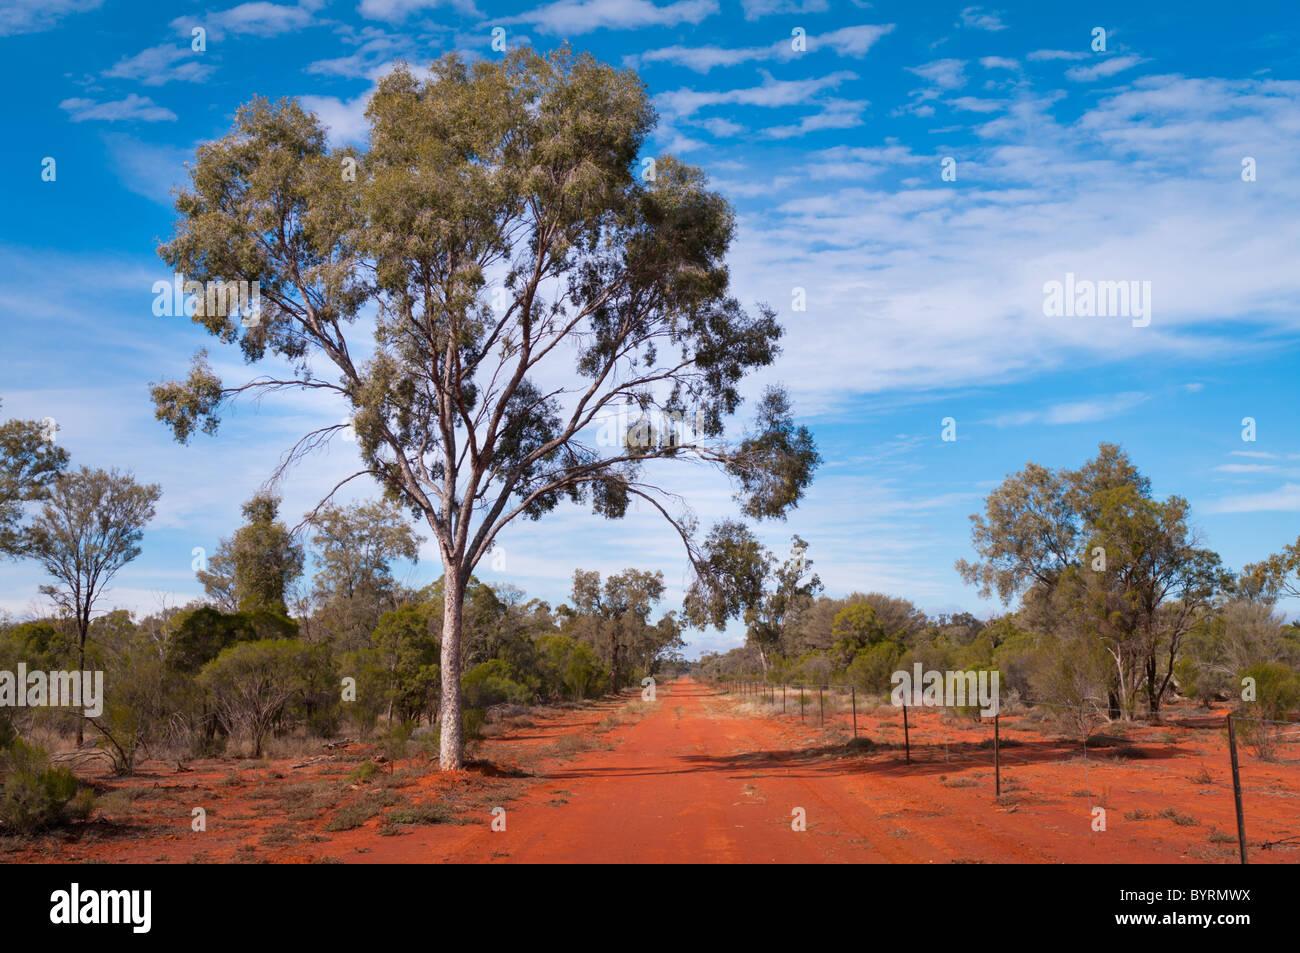 Leopardwood (Flindersia maculosa) in the desert - Stock Image